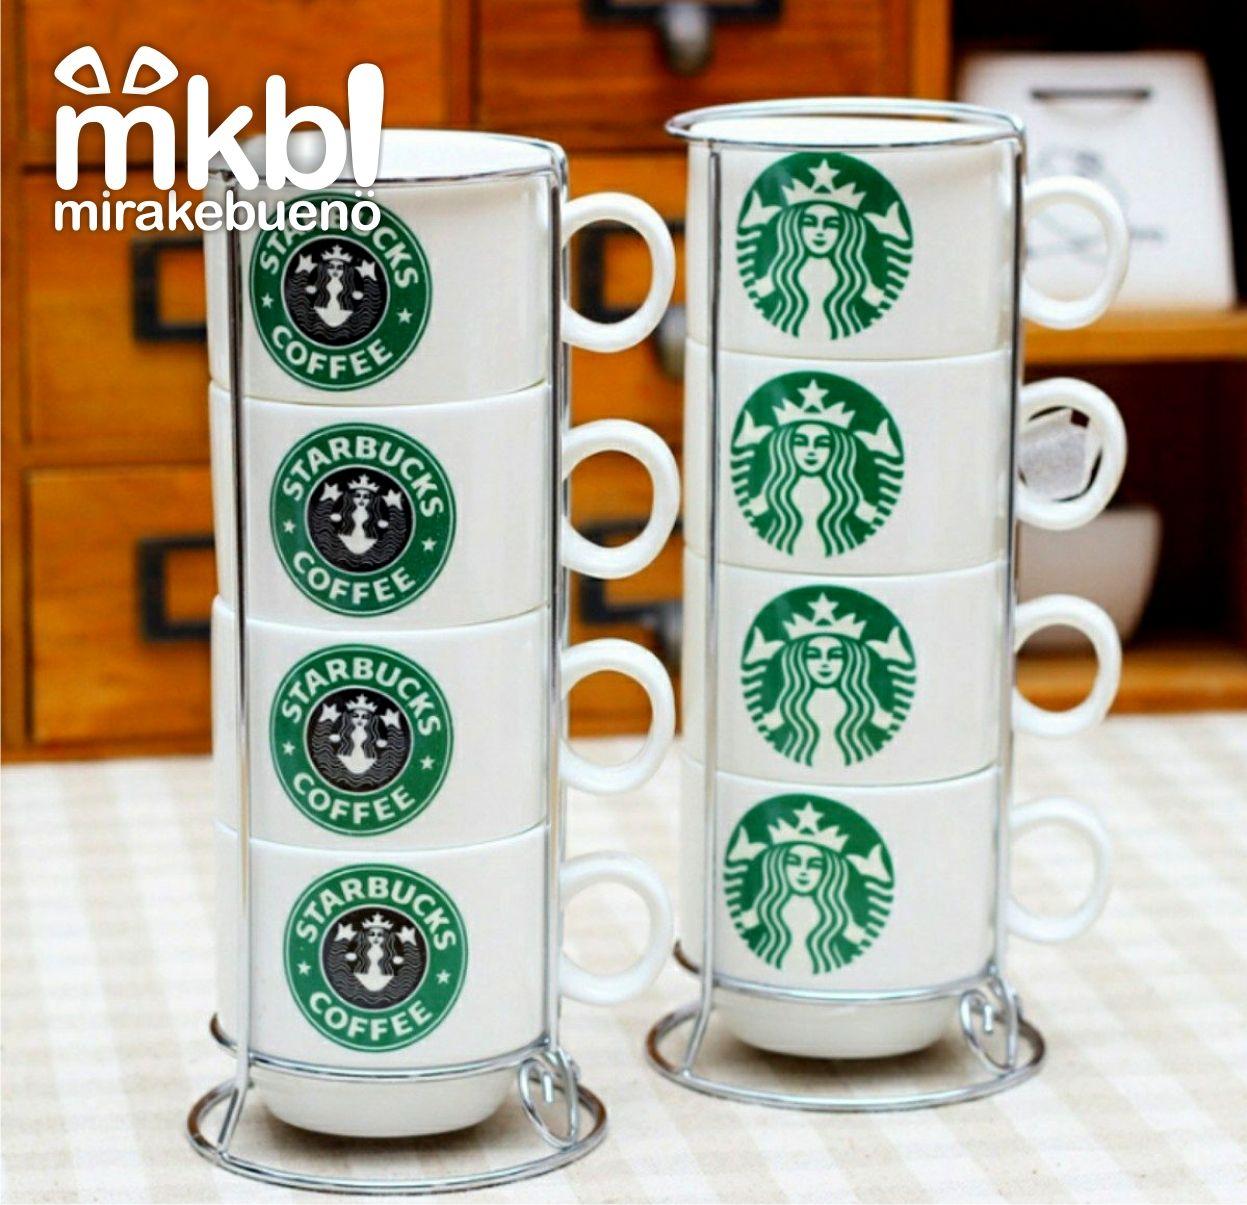 Set de tazas #starbucks apilables  Muy practicas ya que ocupan poco espacio al poder apilarlas; ideales para tenerlas siempre a mano e invitar un exquisito cafecitooo!